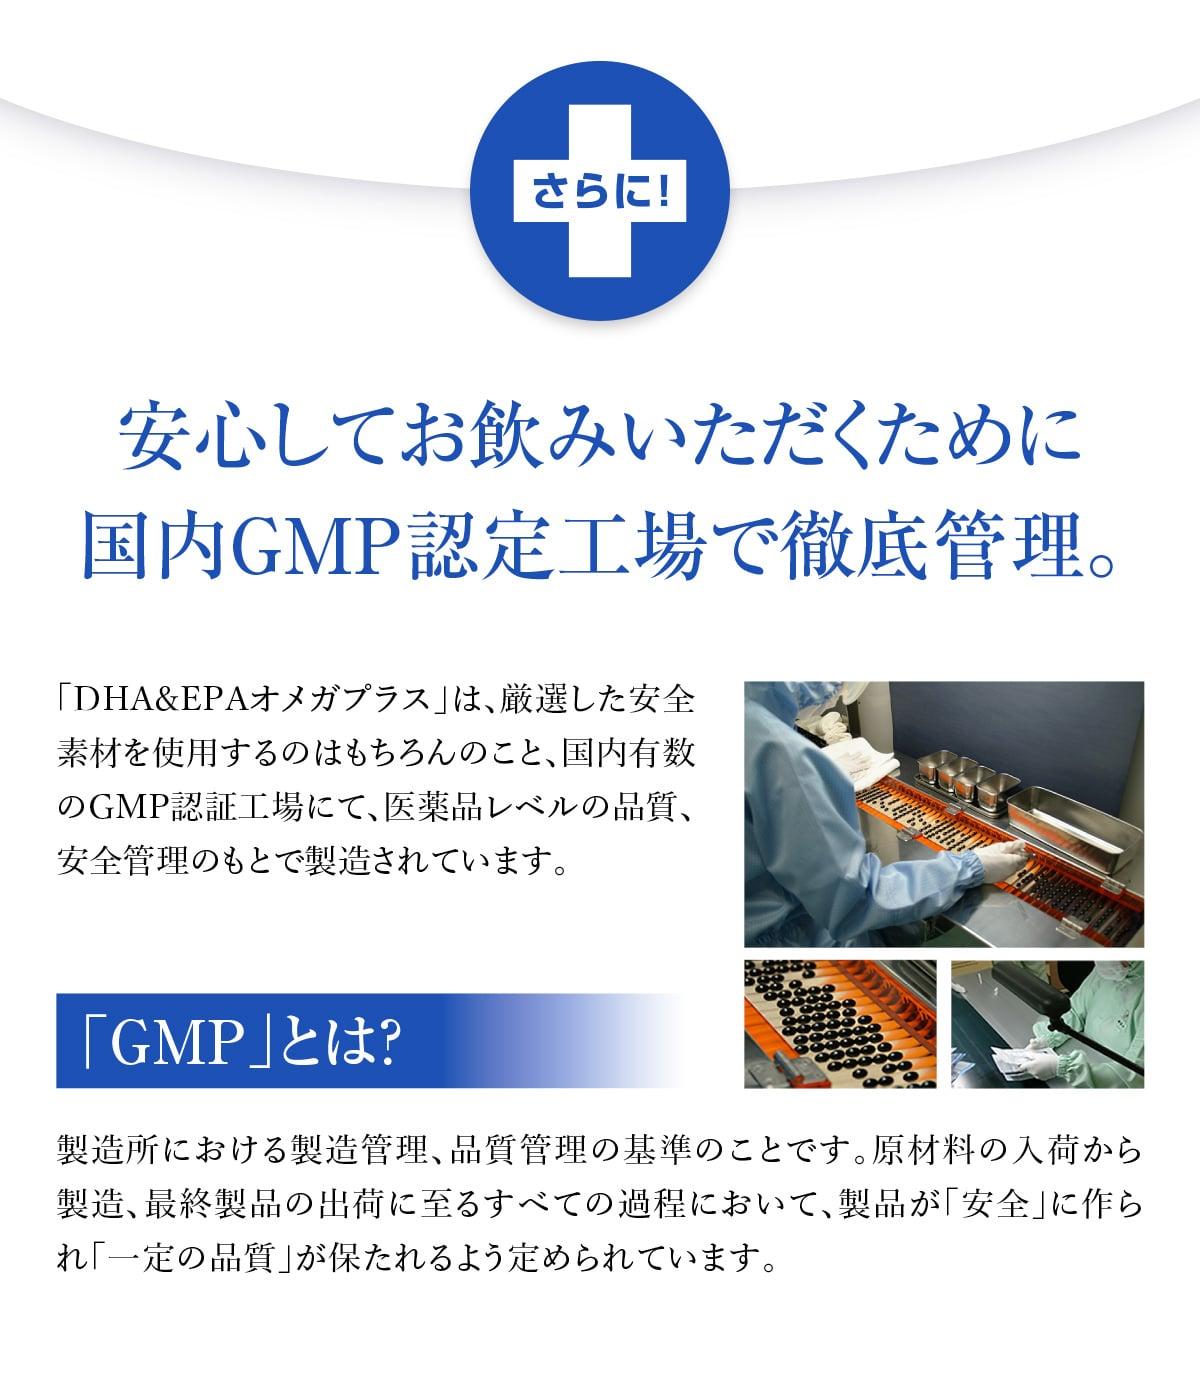 安心してお飲みいただくために国内GMP認定工場で徹底管理。